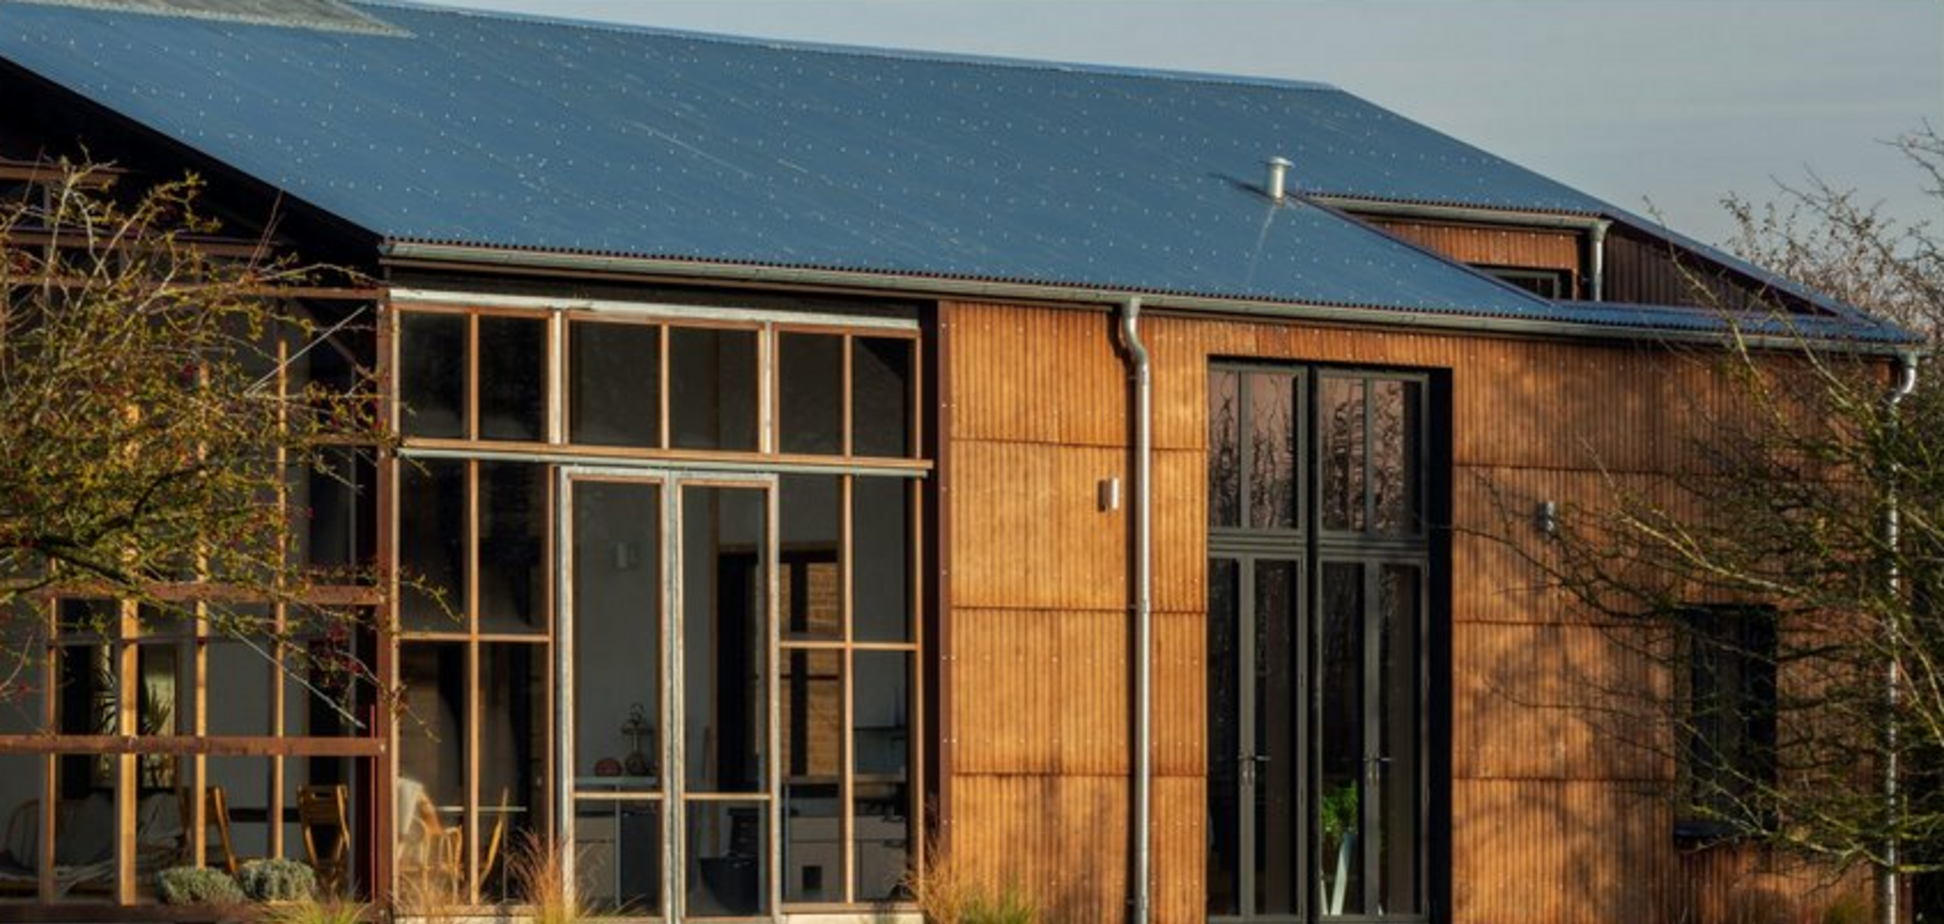 Солнечные панели и конопляный биопластик: в Британии показали углеродно-негативный дом